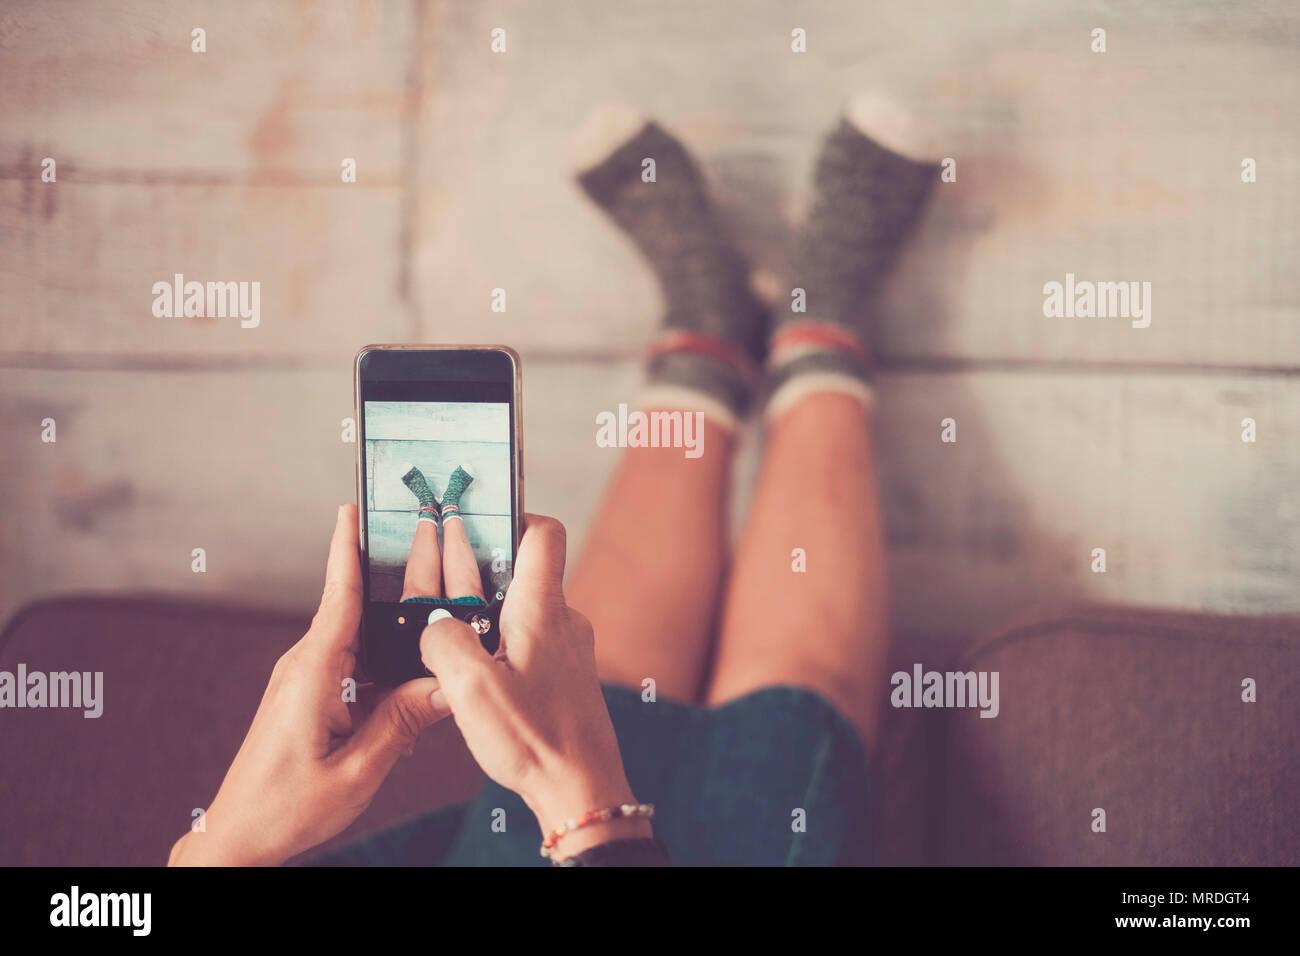 Belle caucasian woman prendre photo avec téléphone mobile à ses jambes contre le mur avec de belles et drôles de chaussettes. accueil alternative lifestyle et indepe Photo Stock